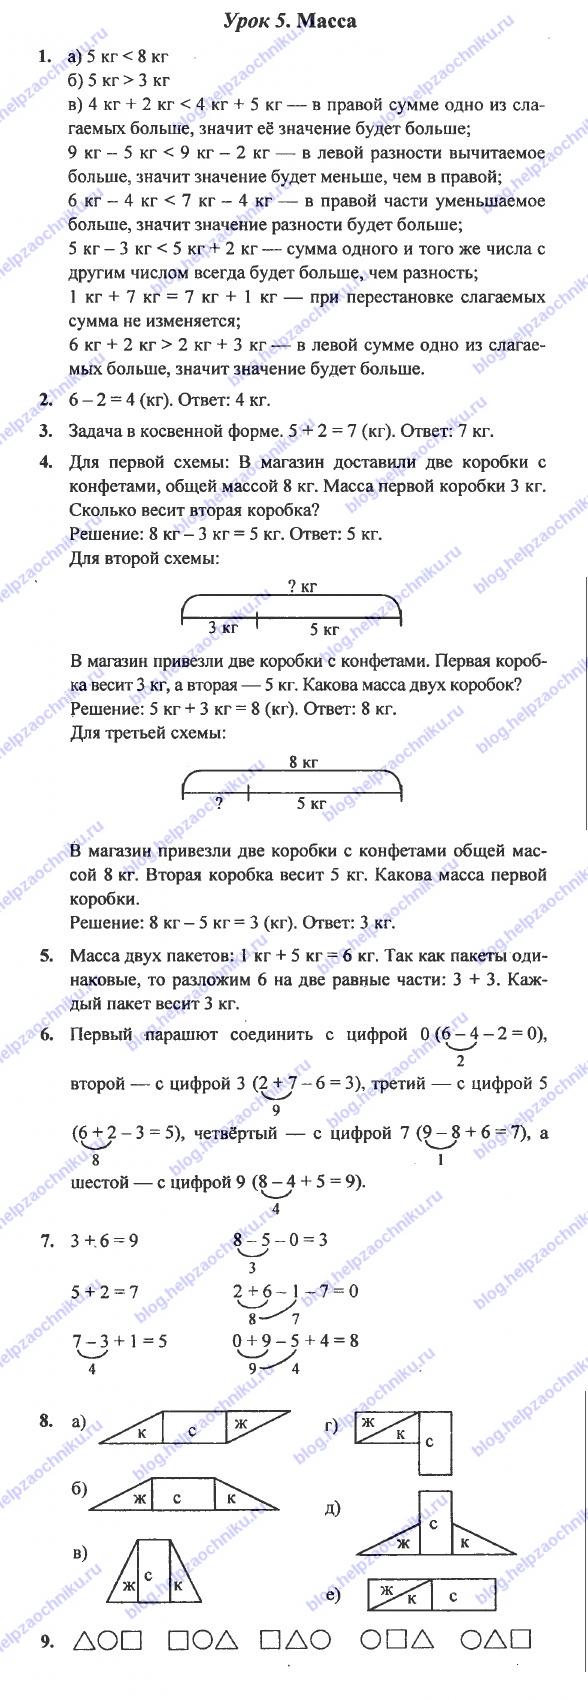 ГДЗ (решебник) математика Л. Г. Петерсон 1 класс 3 часть урок 5